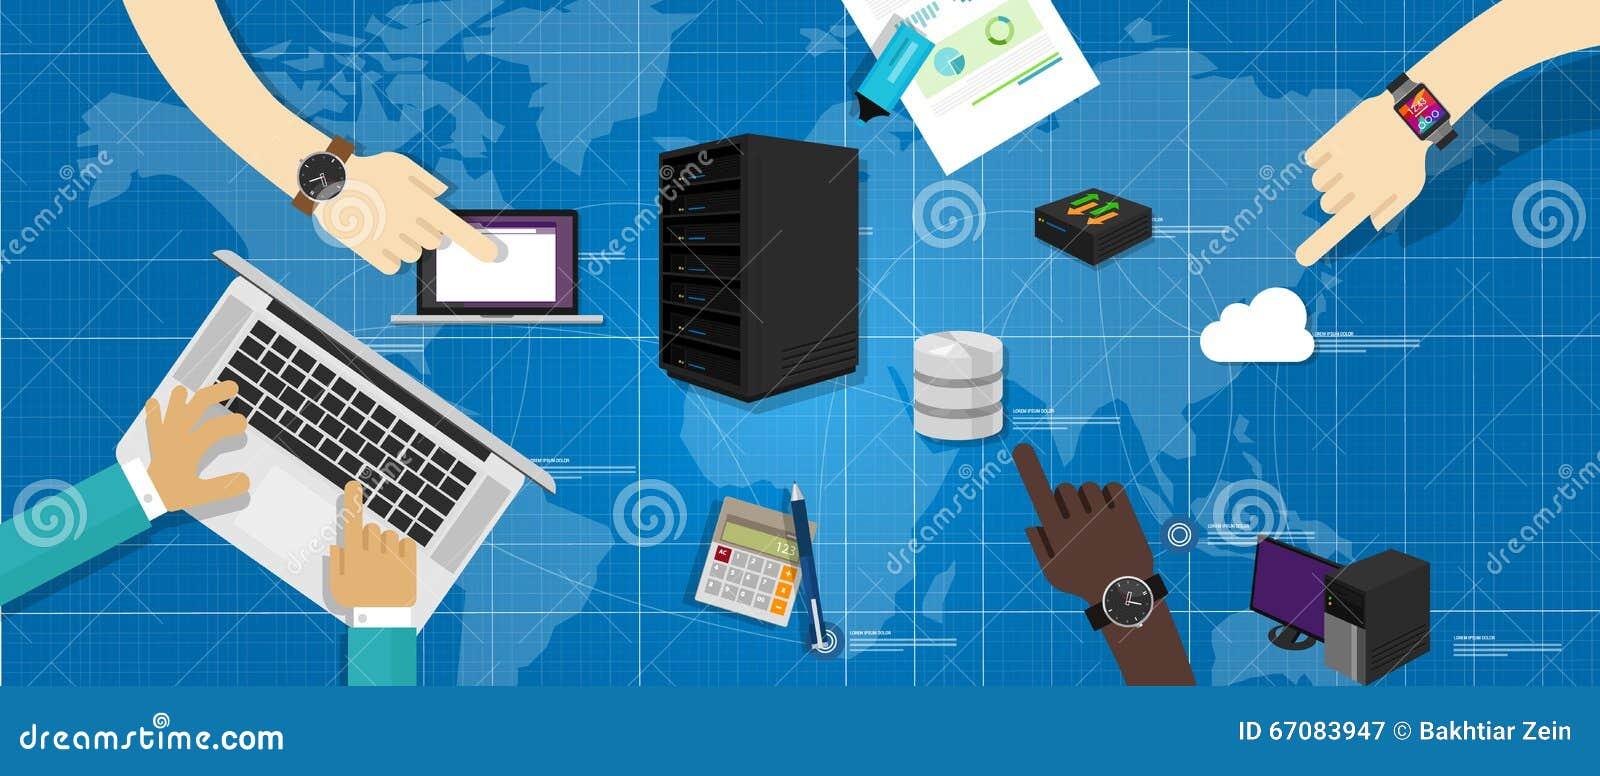 内部网系统计算机服务器数据库路由器云彩互联网互联了世界地图it基础图片